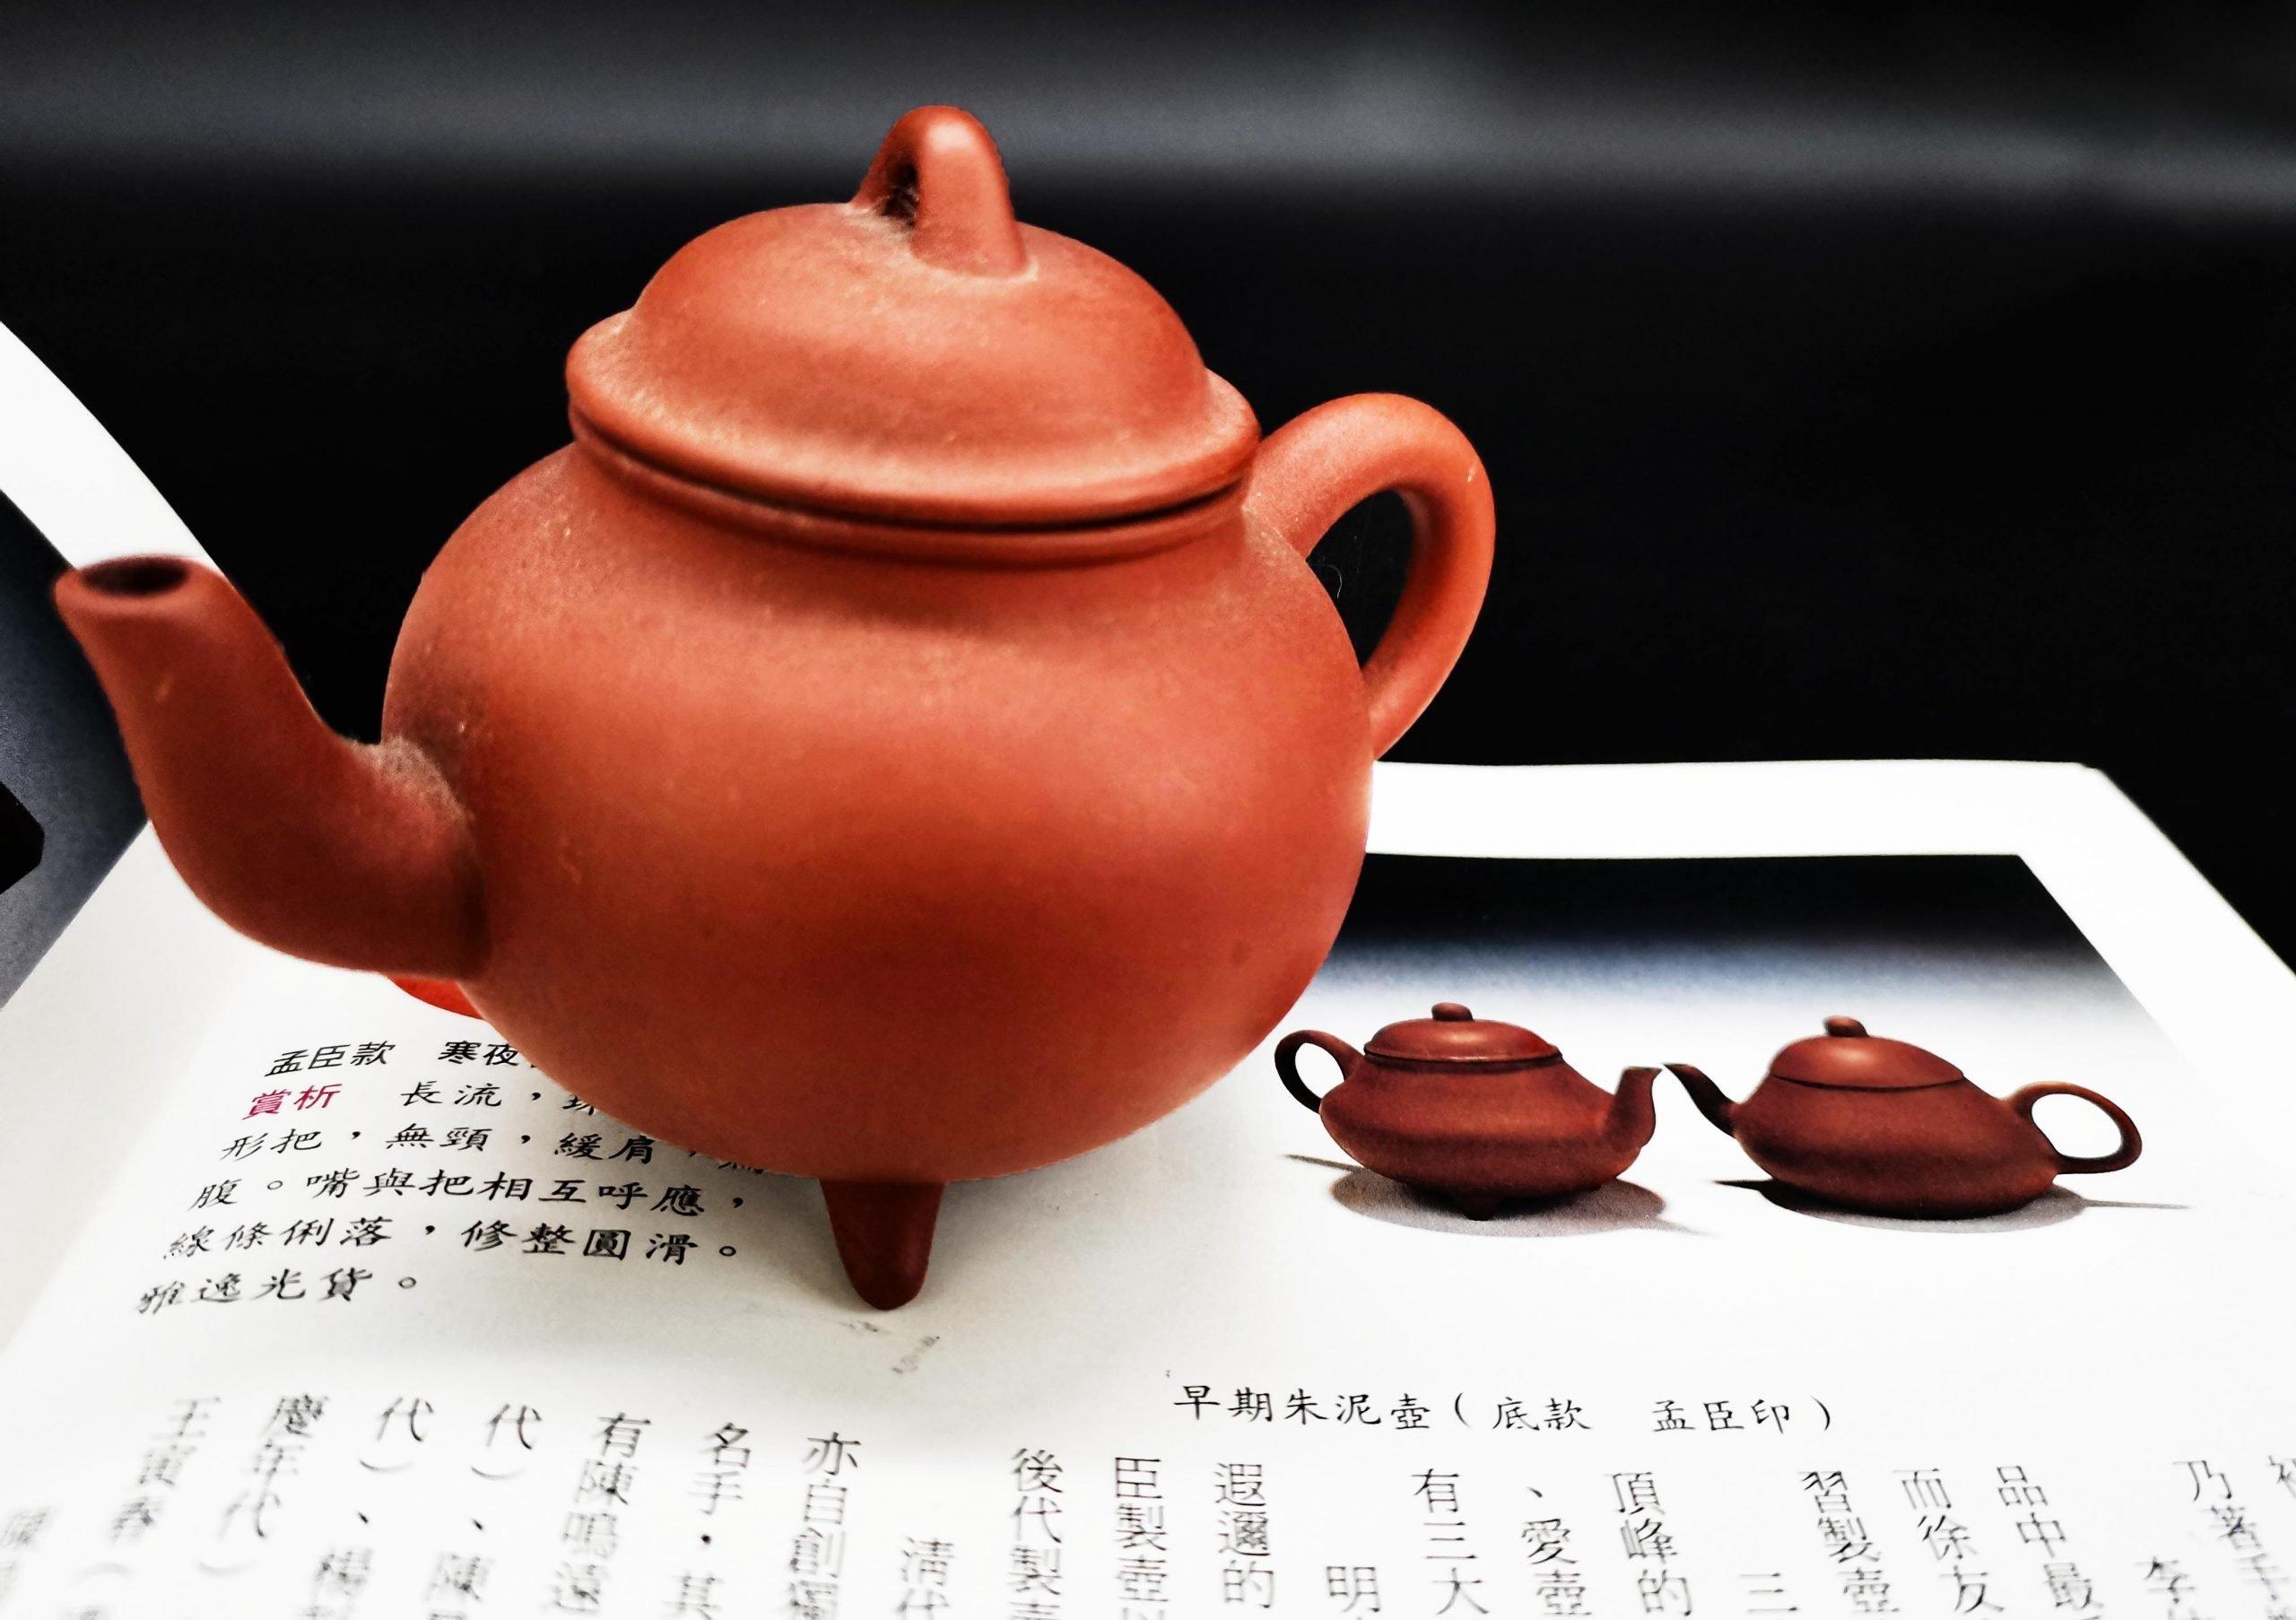 马来西亚食神-红泥三足水平壶